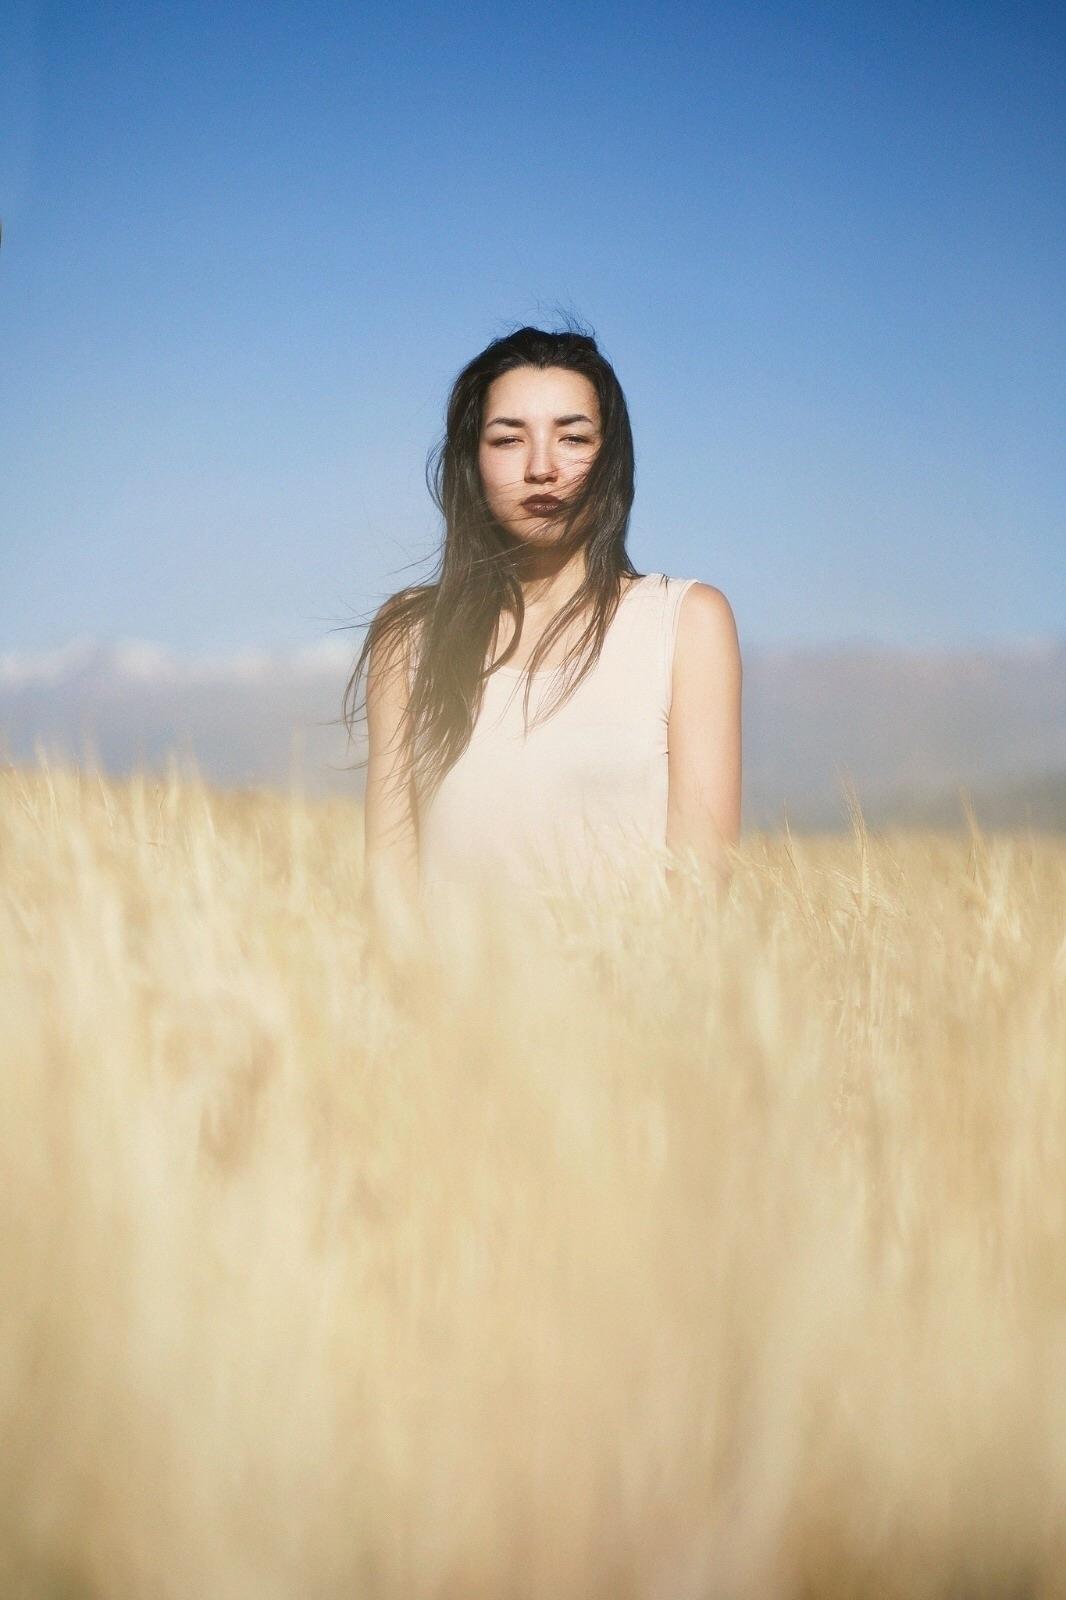 El viento acaricia el alma - portrait - taniacervian | ello